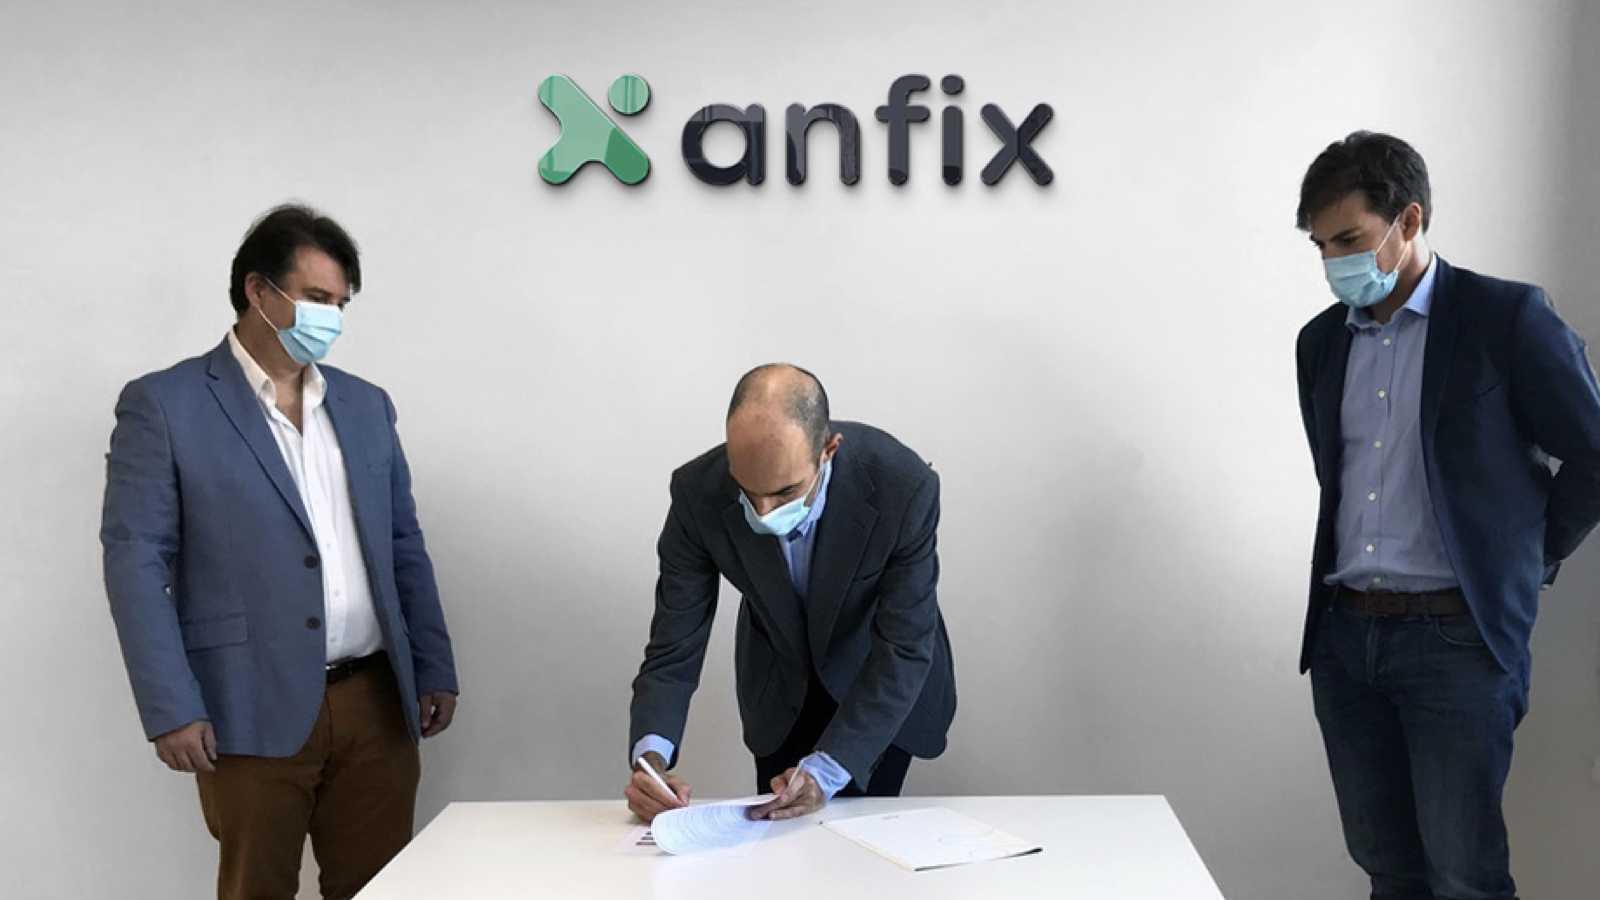 Anfix y Profiture firman un acuerdo para ofrecer una solución de análisis de rentabilidad para despachos